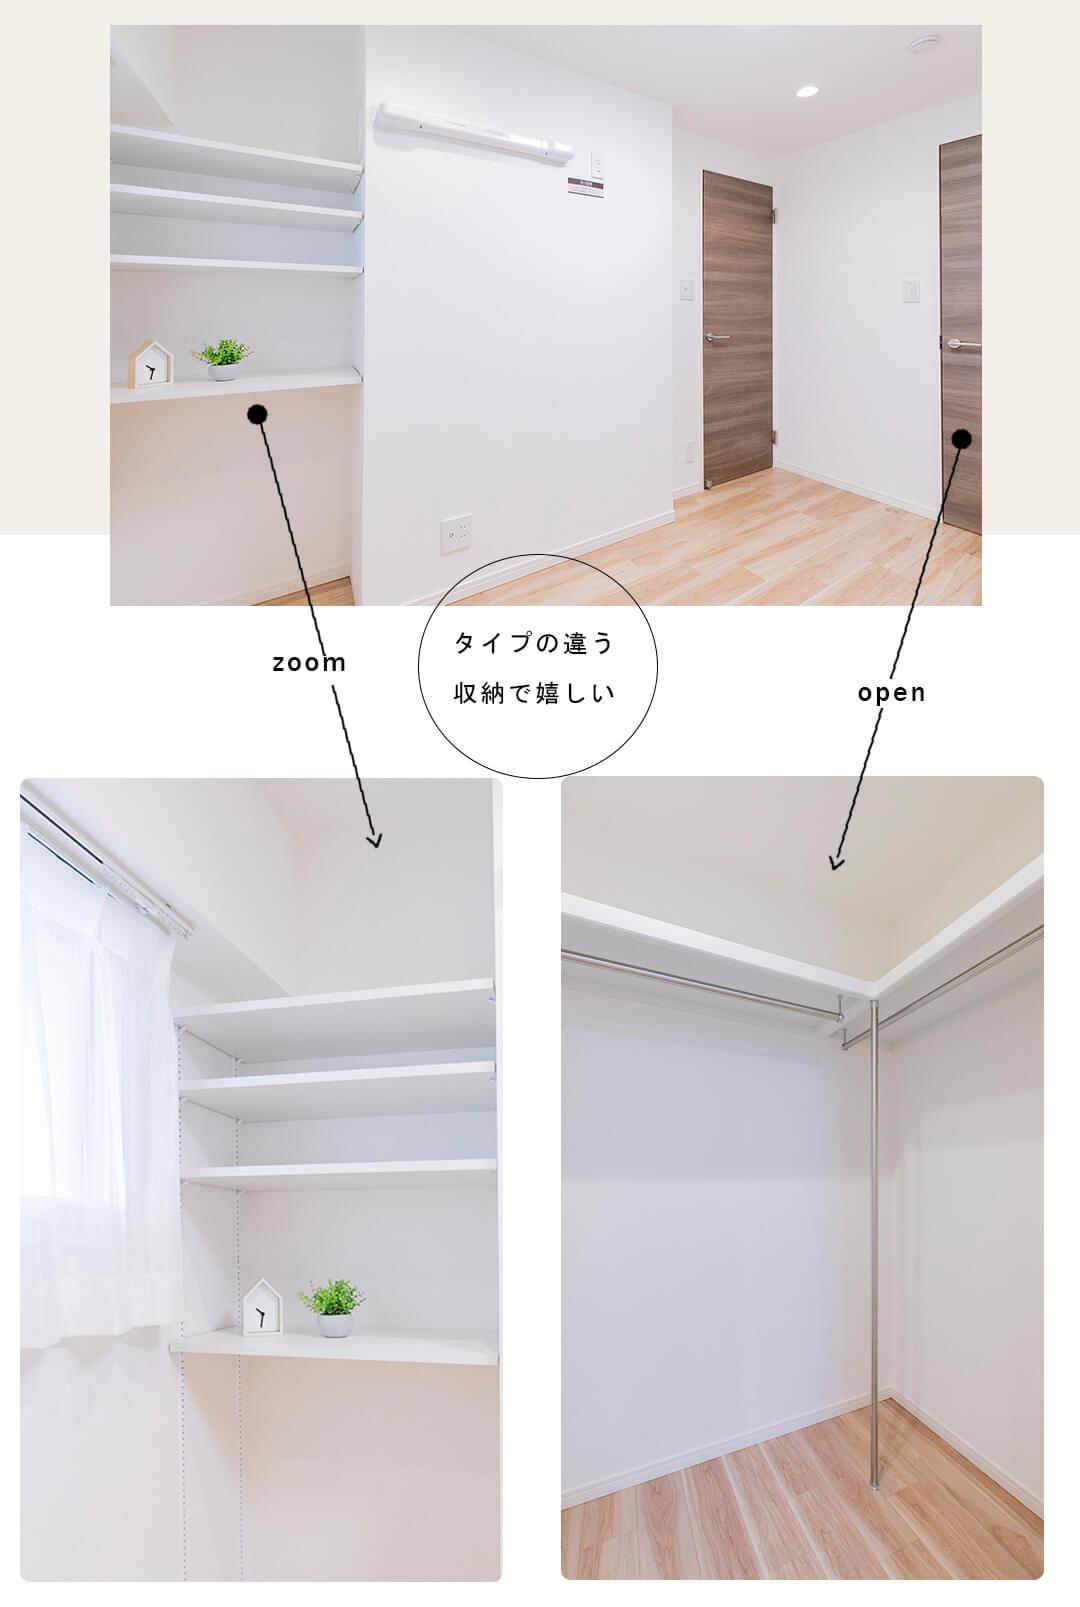 中銀目黒マンシオンのサービスルーム